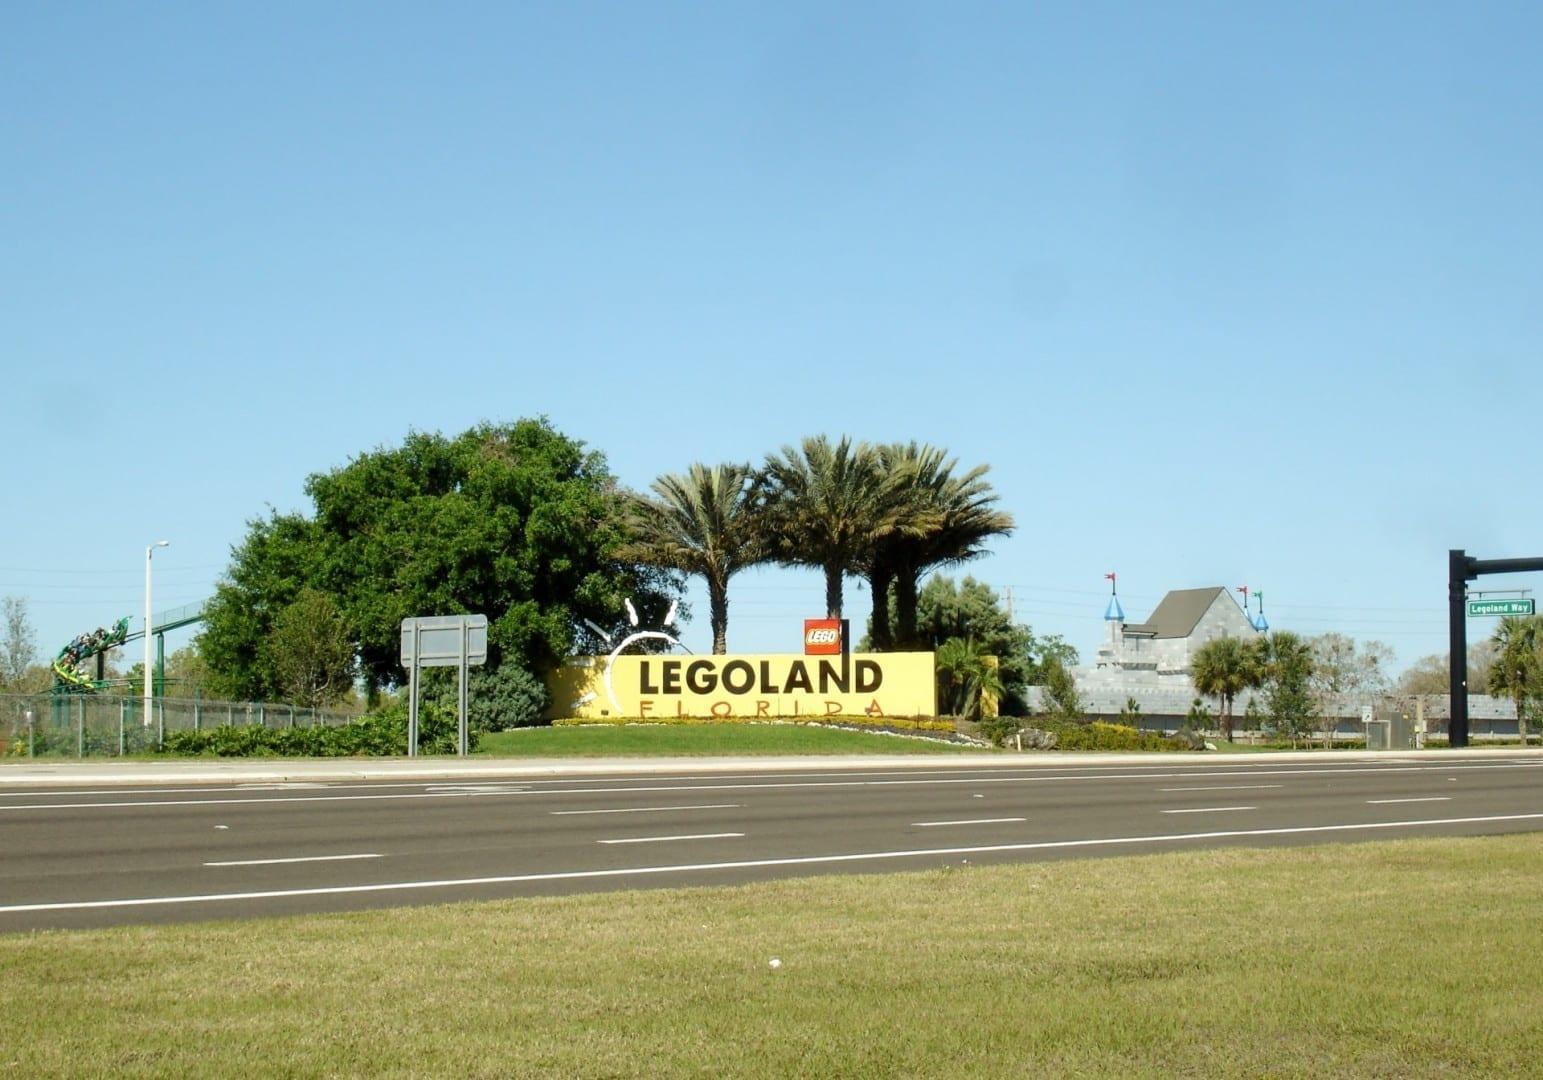 Entrada de Legoland Florida. Winter Haven FL Estados Unidos